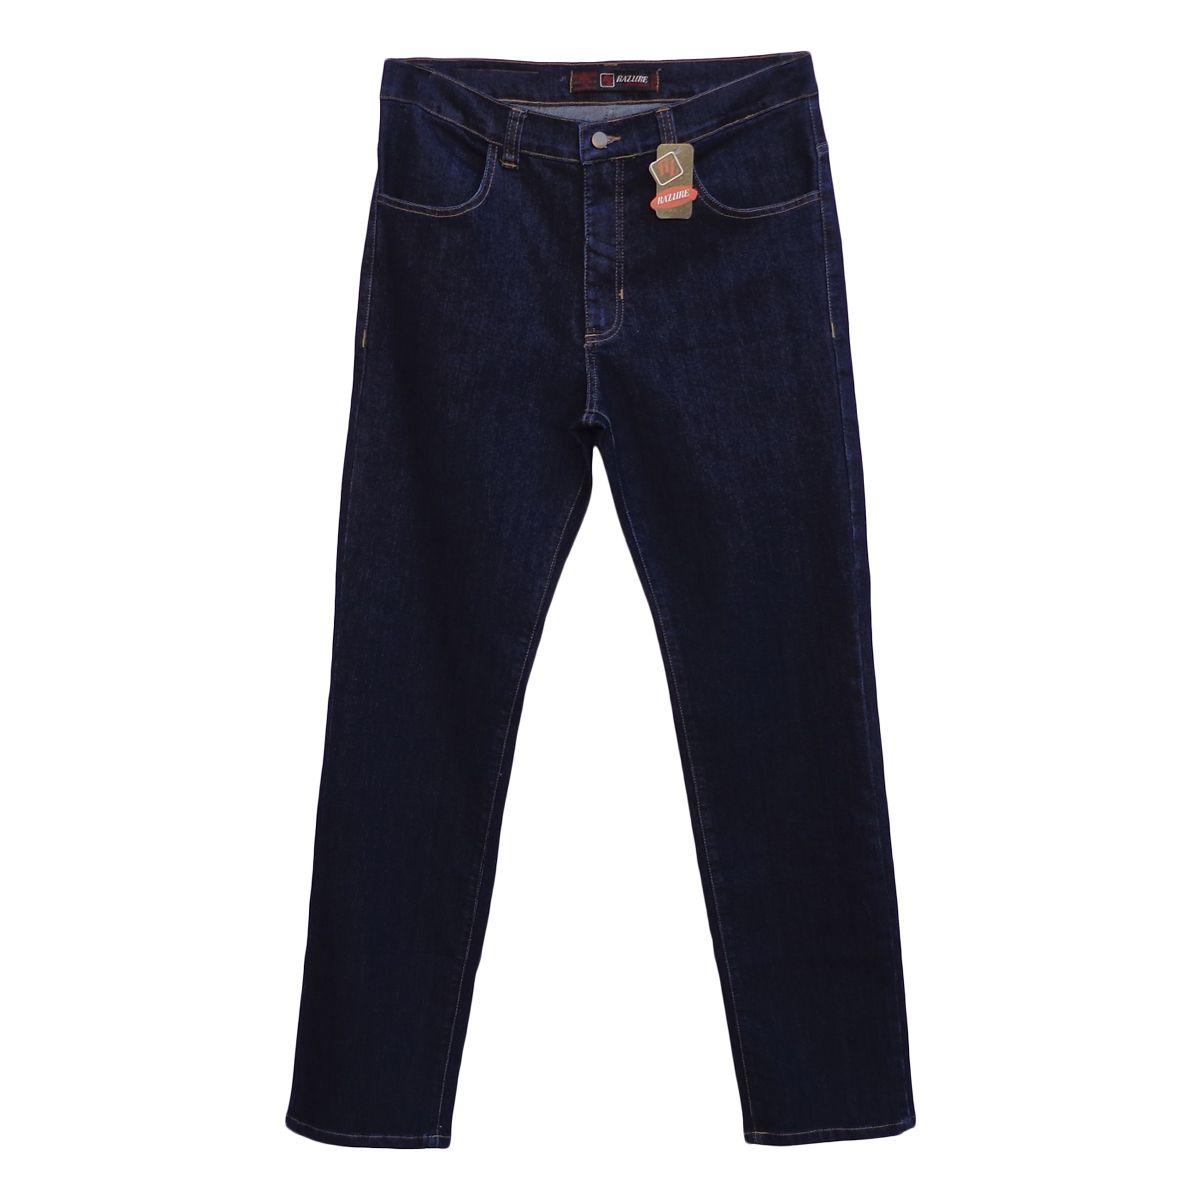 Calça Jeans Masculina Tradicional Tamanho 50